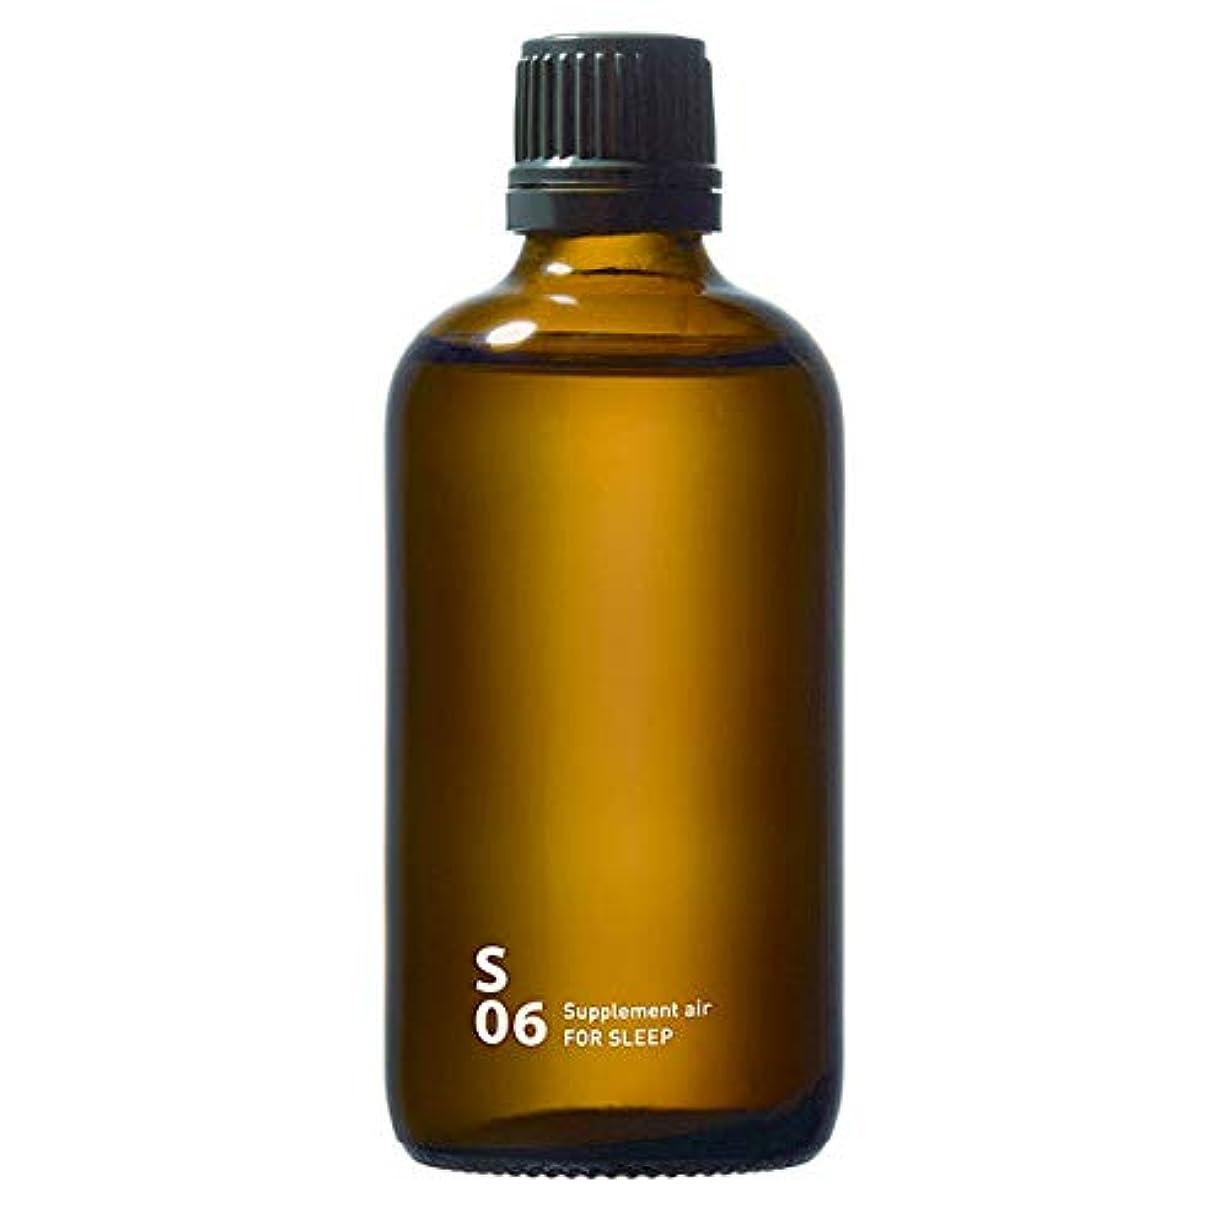 分布潜水艦無謀S06 FOR SLEEP piezo aroma oil 100ml